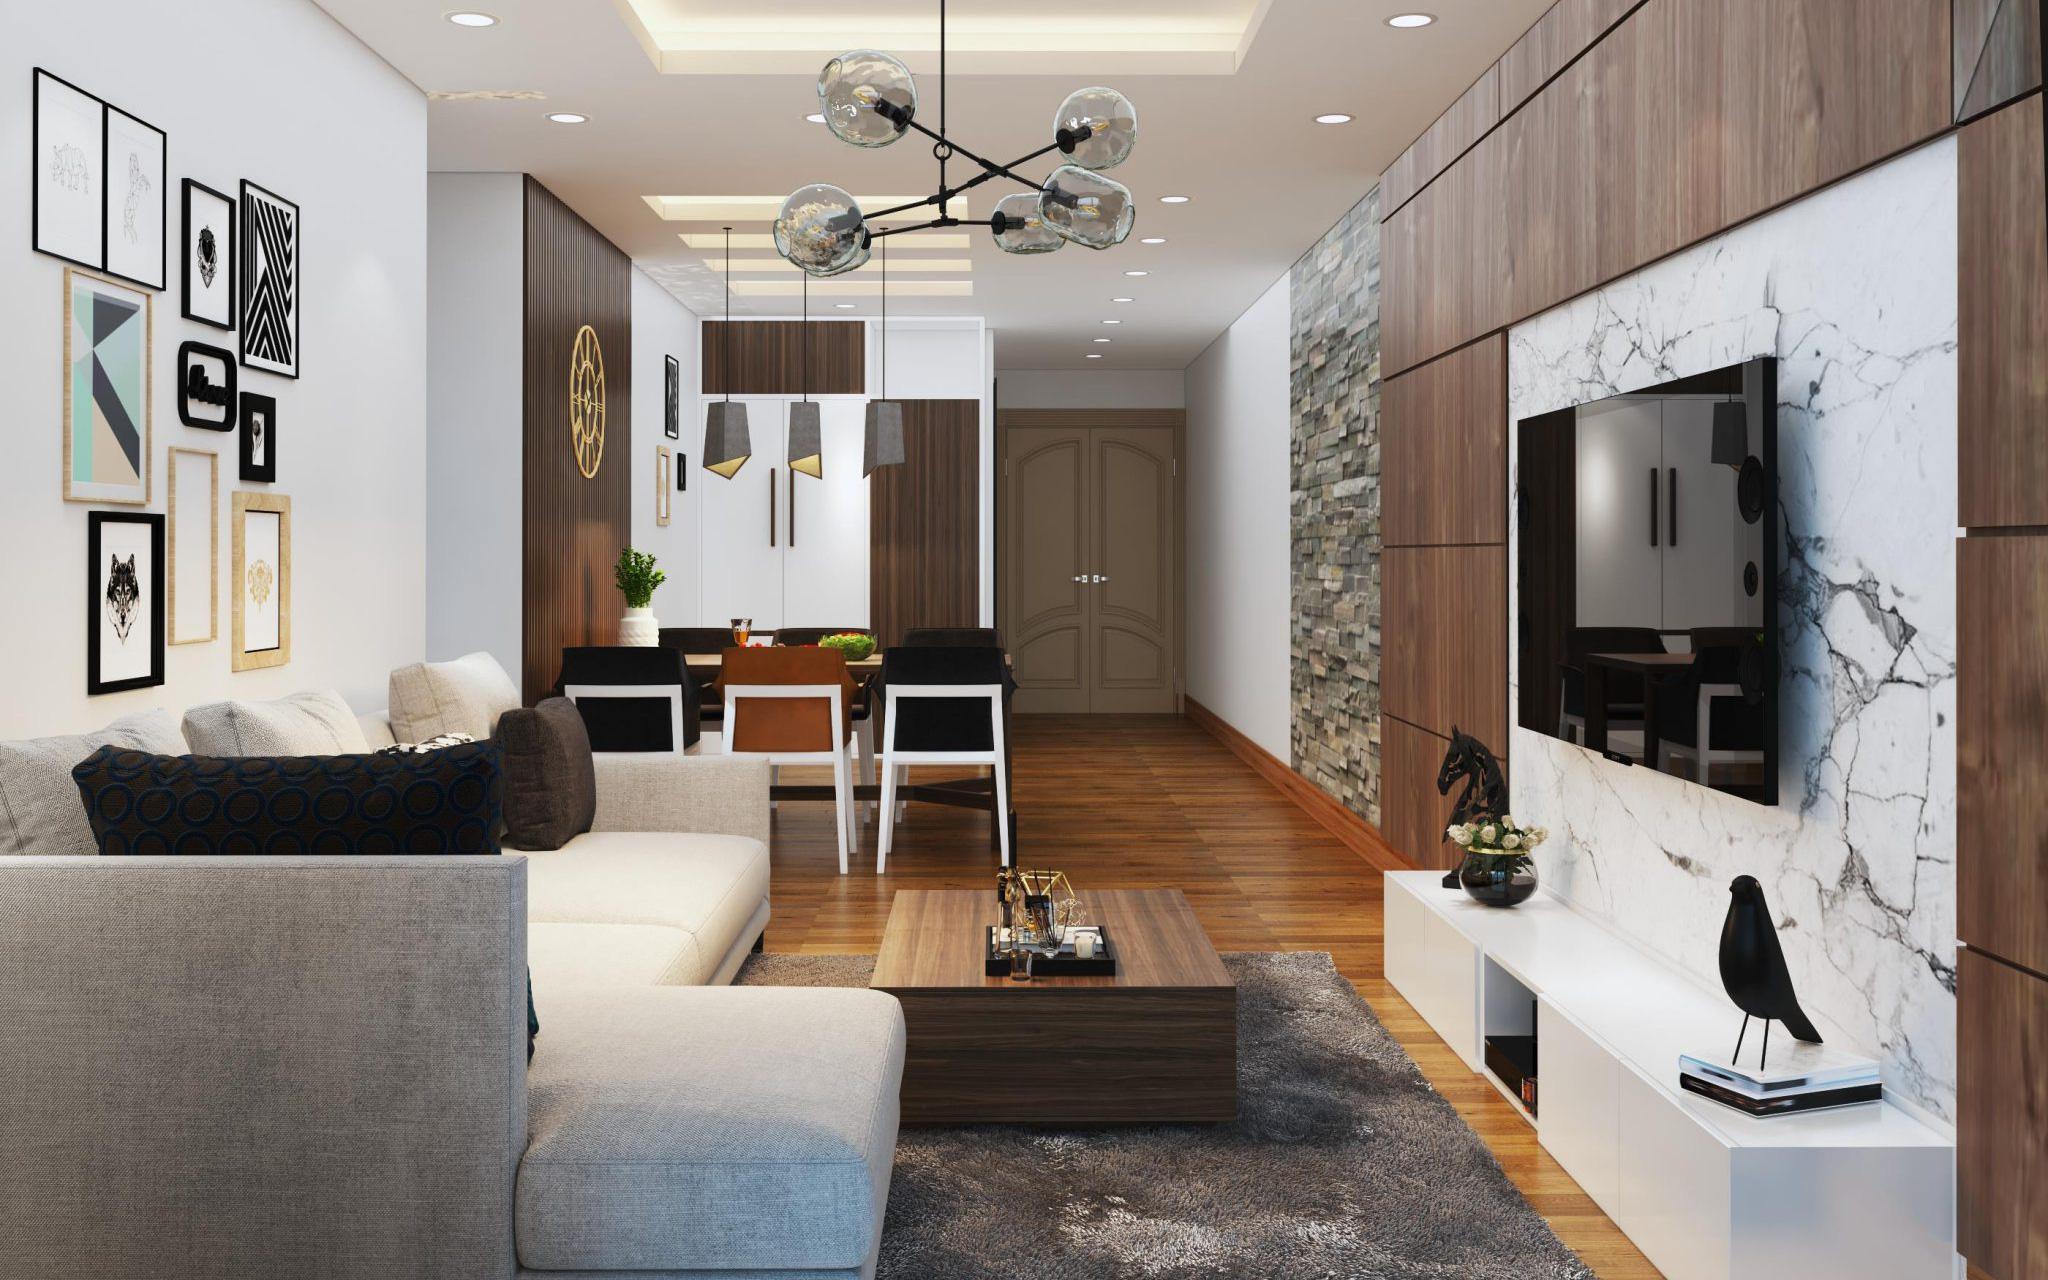 Tư vấn thiết kế nội thất căn hộ chung cư có diện tích 83m² theo phong cách hiện đại